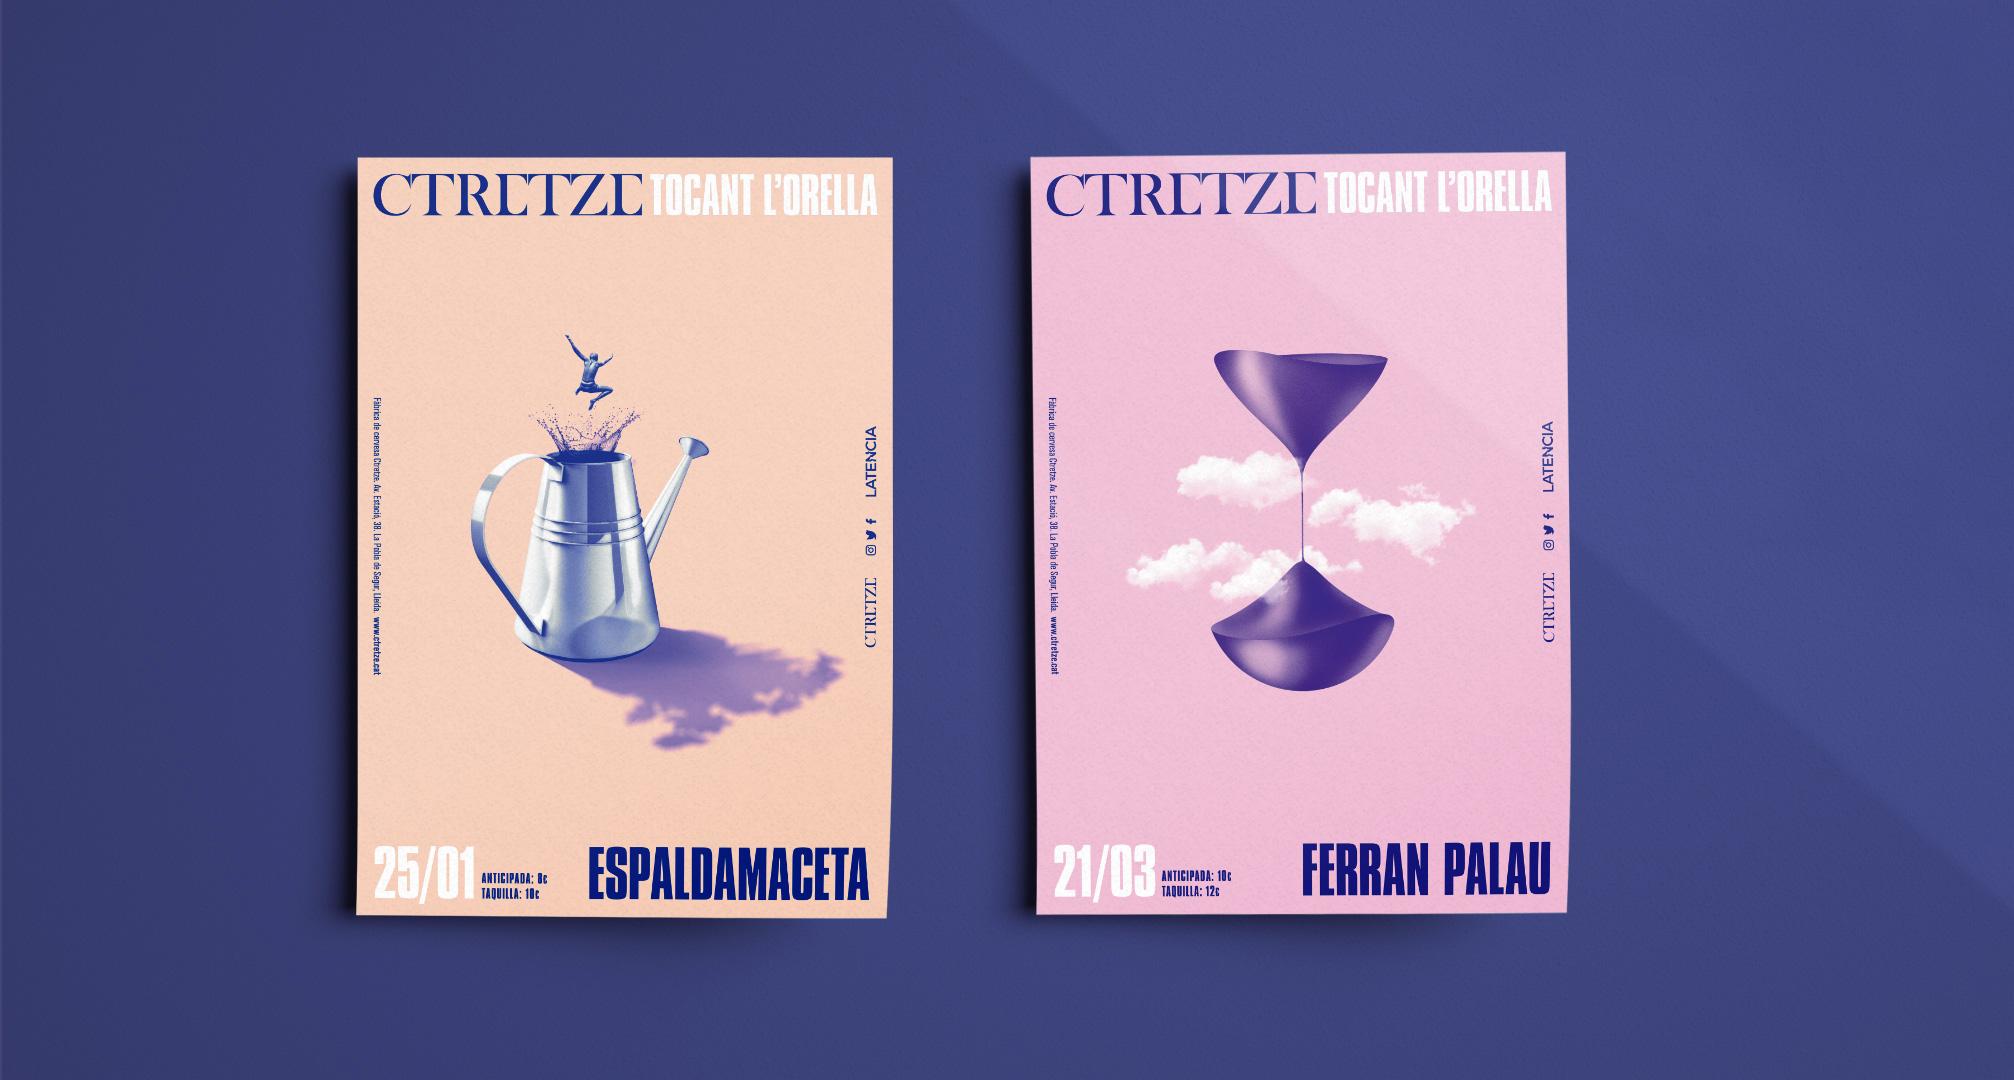 Poster Tocant l'Orella